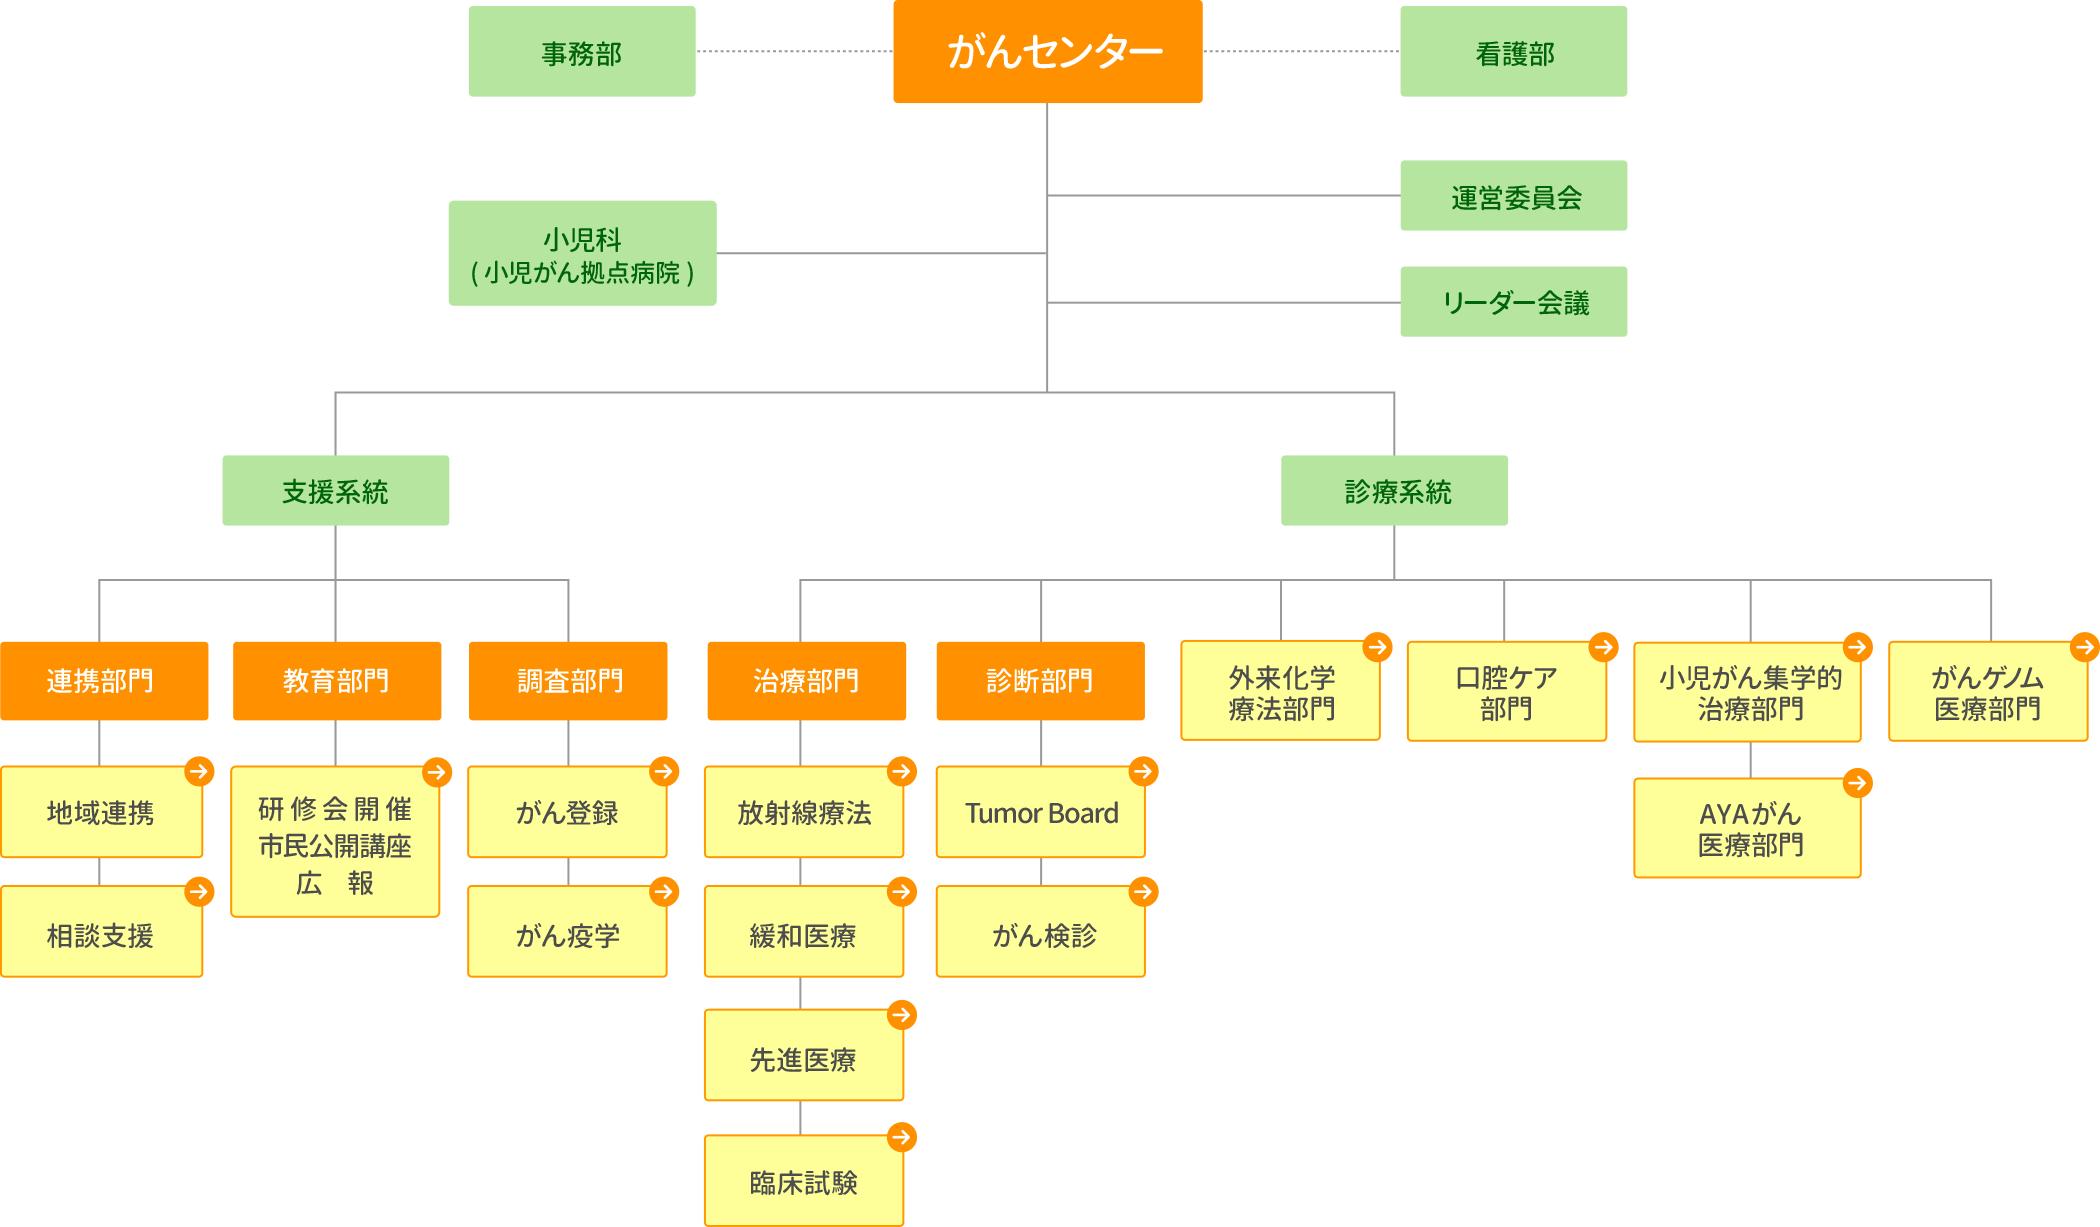 がんセンター組織図